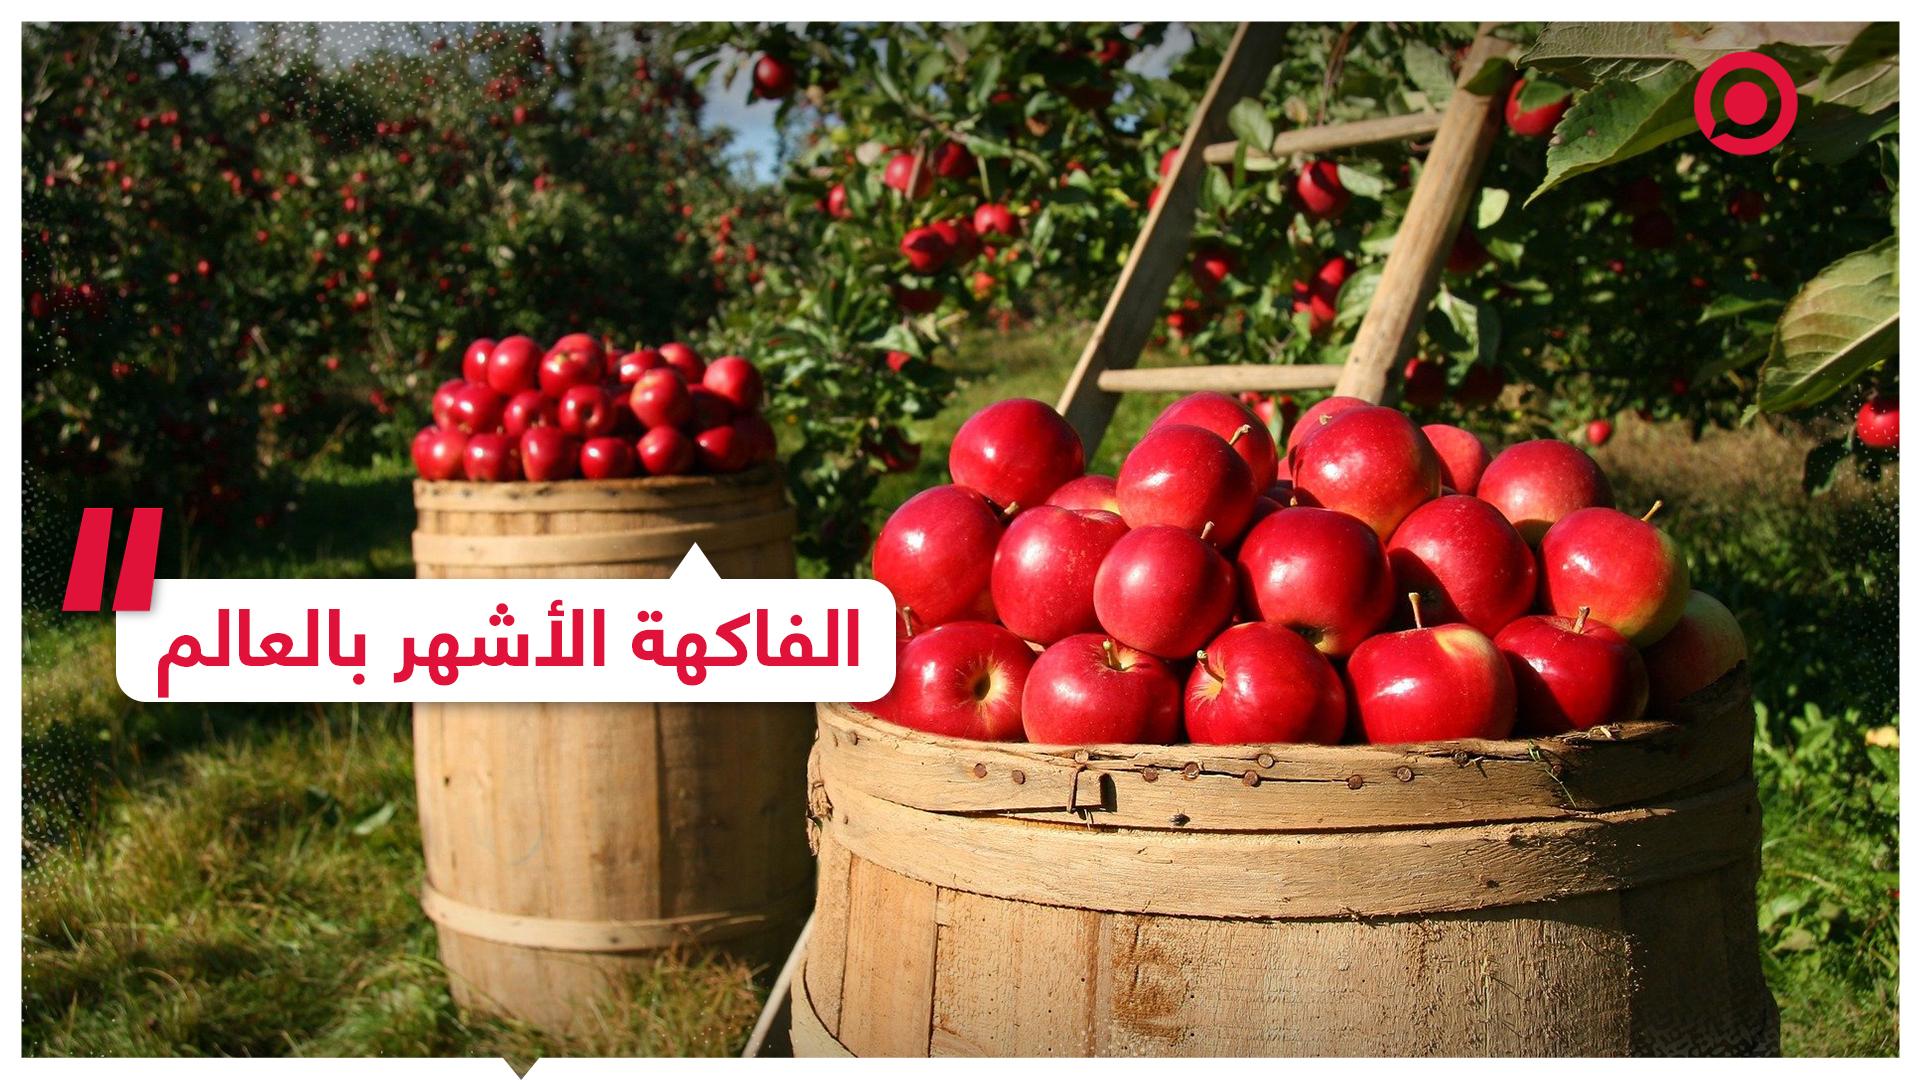 تعرف على الفواكه الأكثر انتشارا في العالم وأول ظهور لها